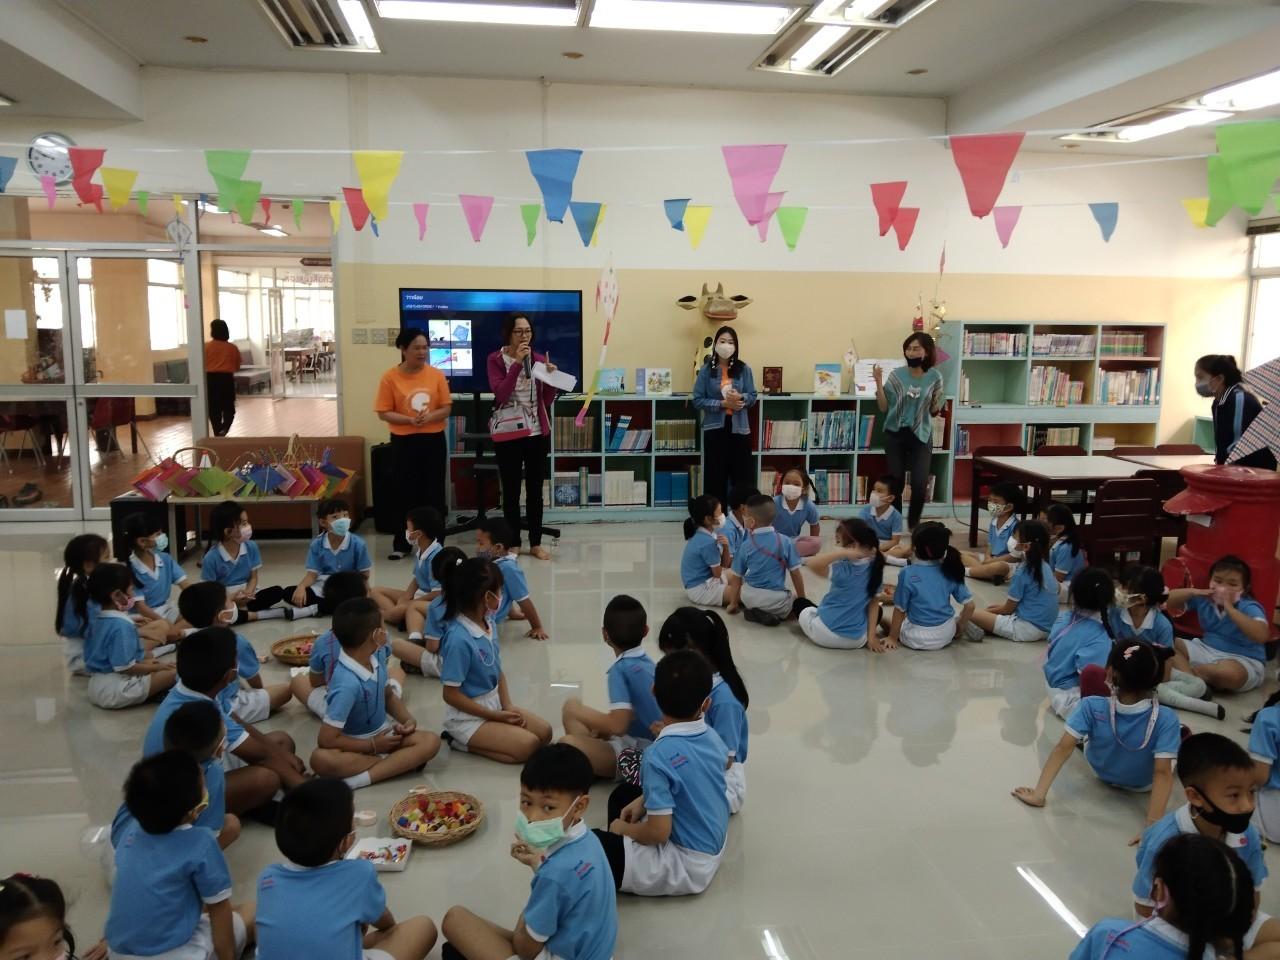 กิจกรรม Workshop ว่าวจิ๋ว ส่งเสริมการเรียนรู้เรื่องการละเล่นของไทย